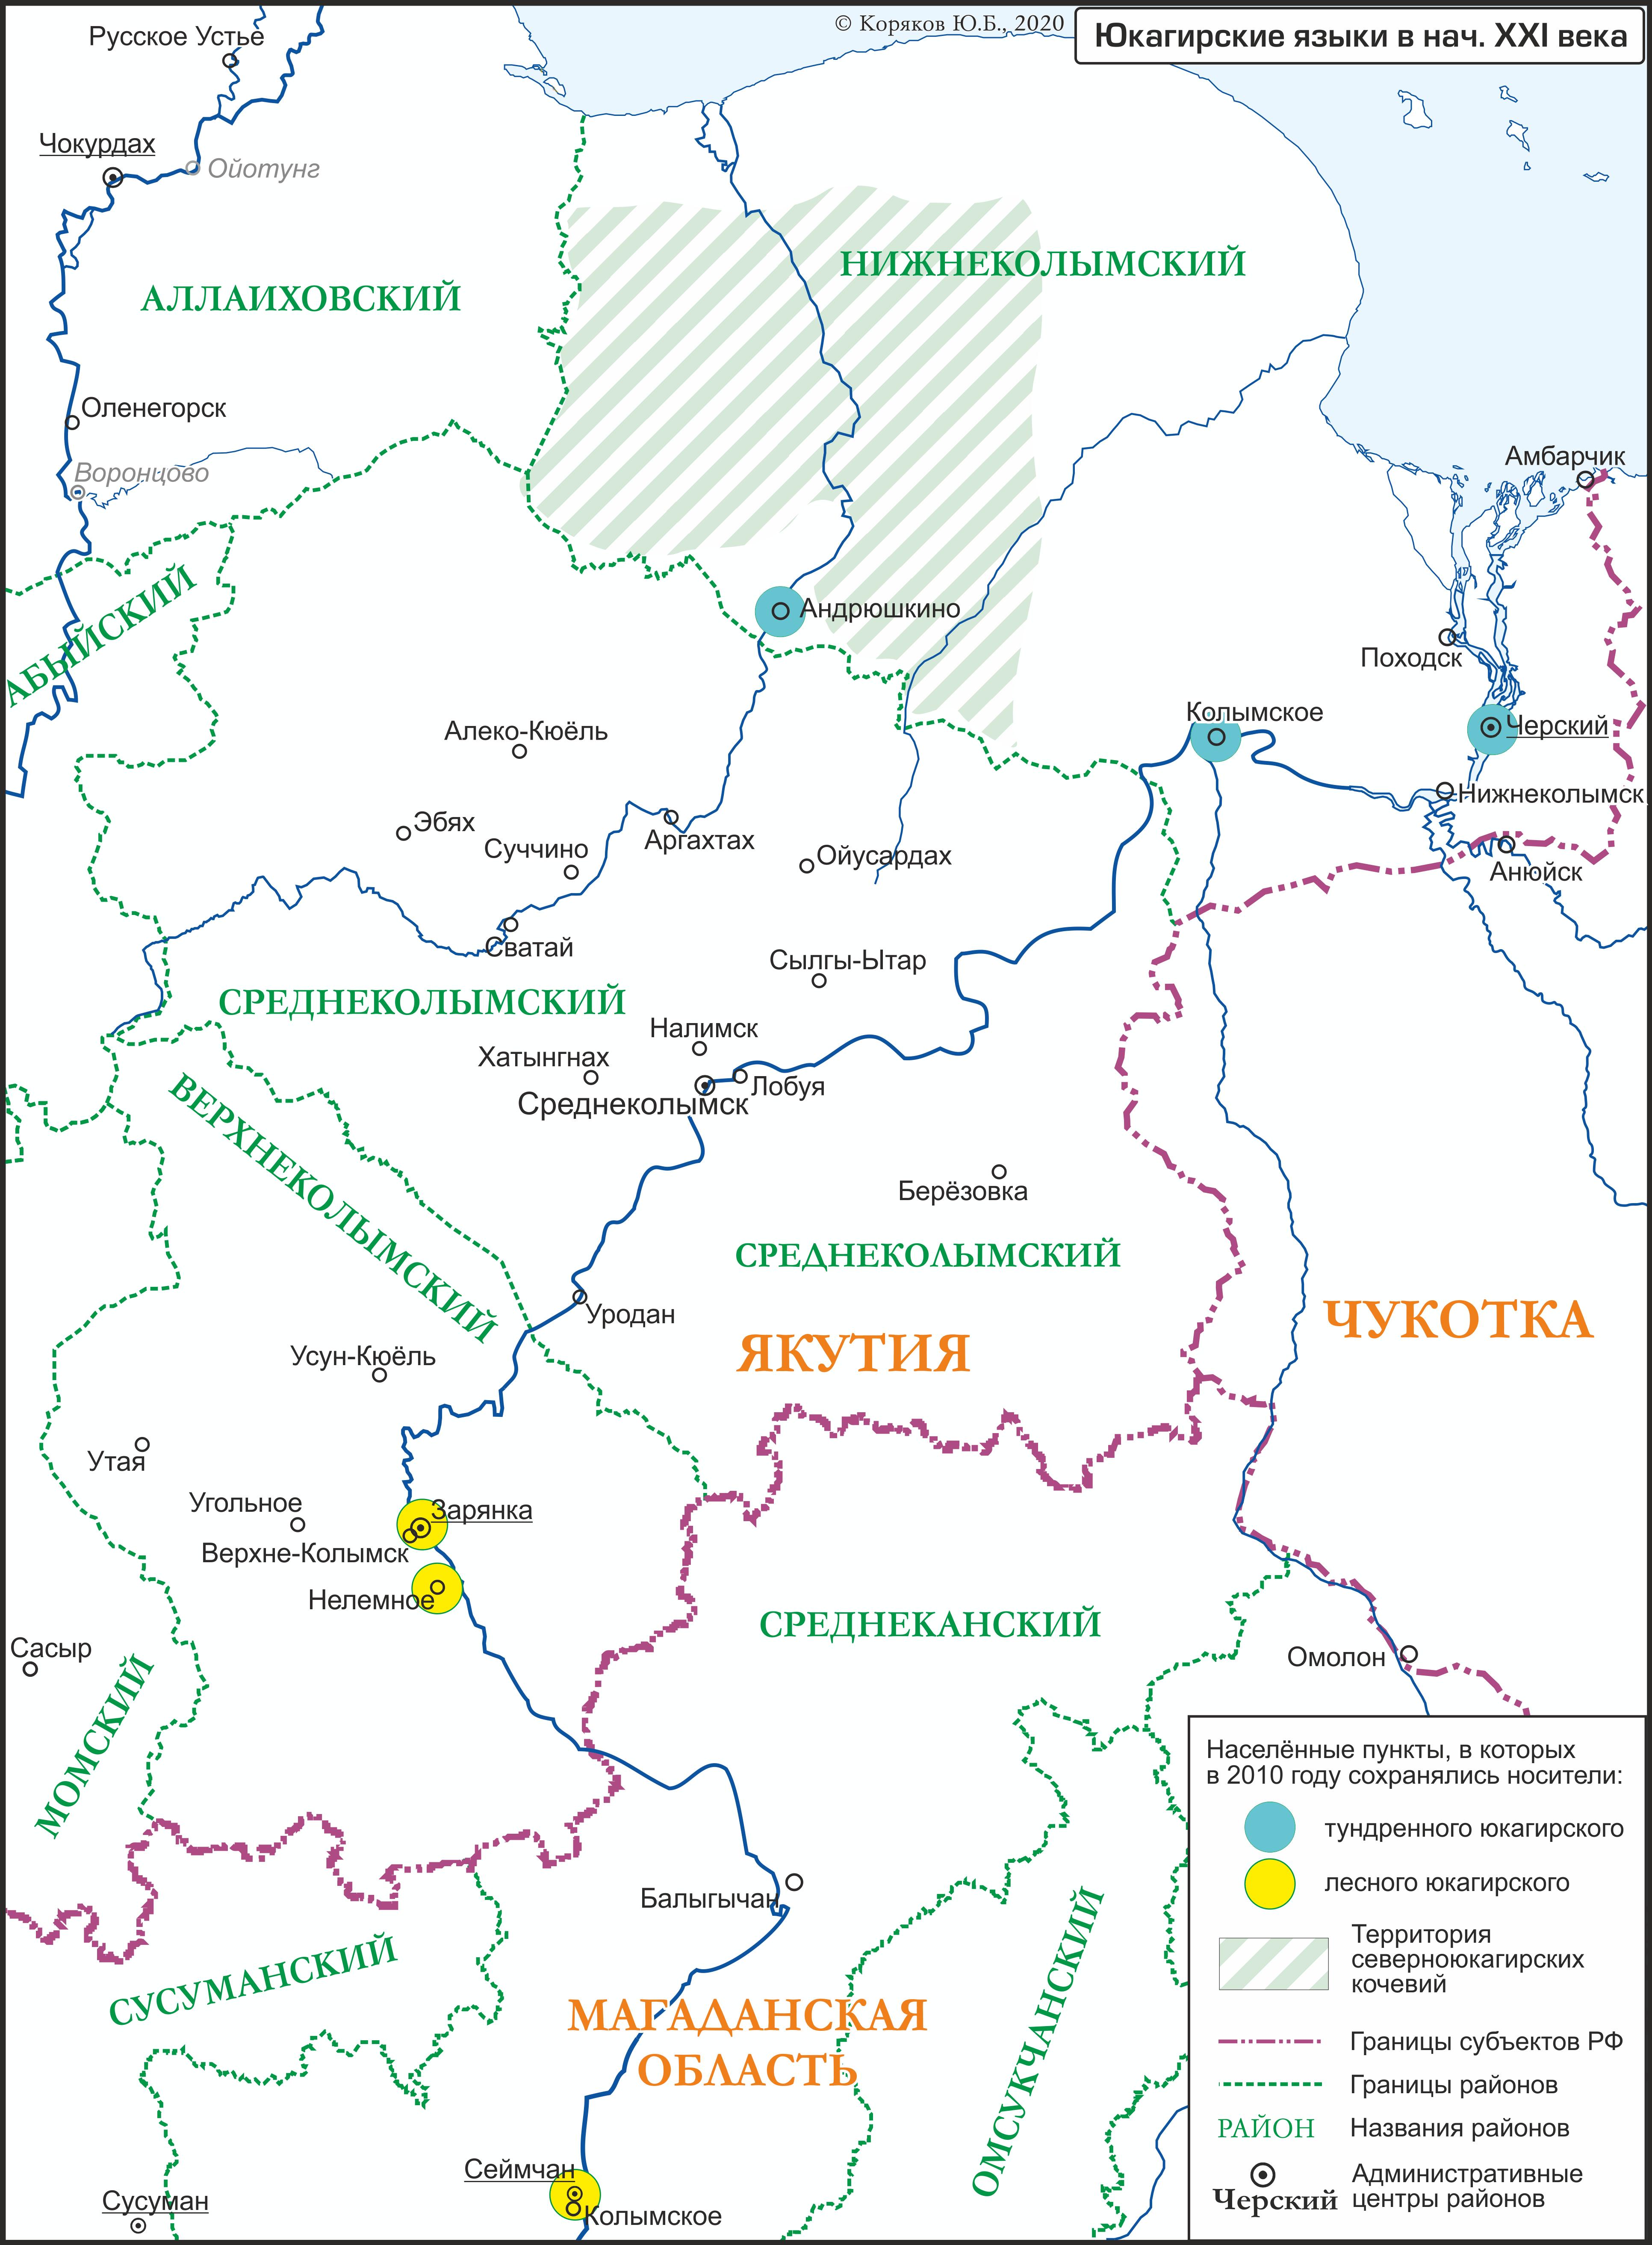 Юкагирские языки в нач. XXI в.